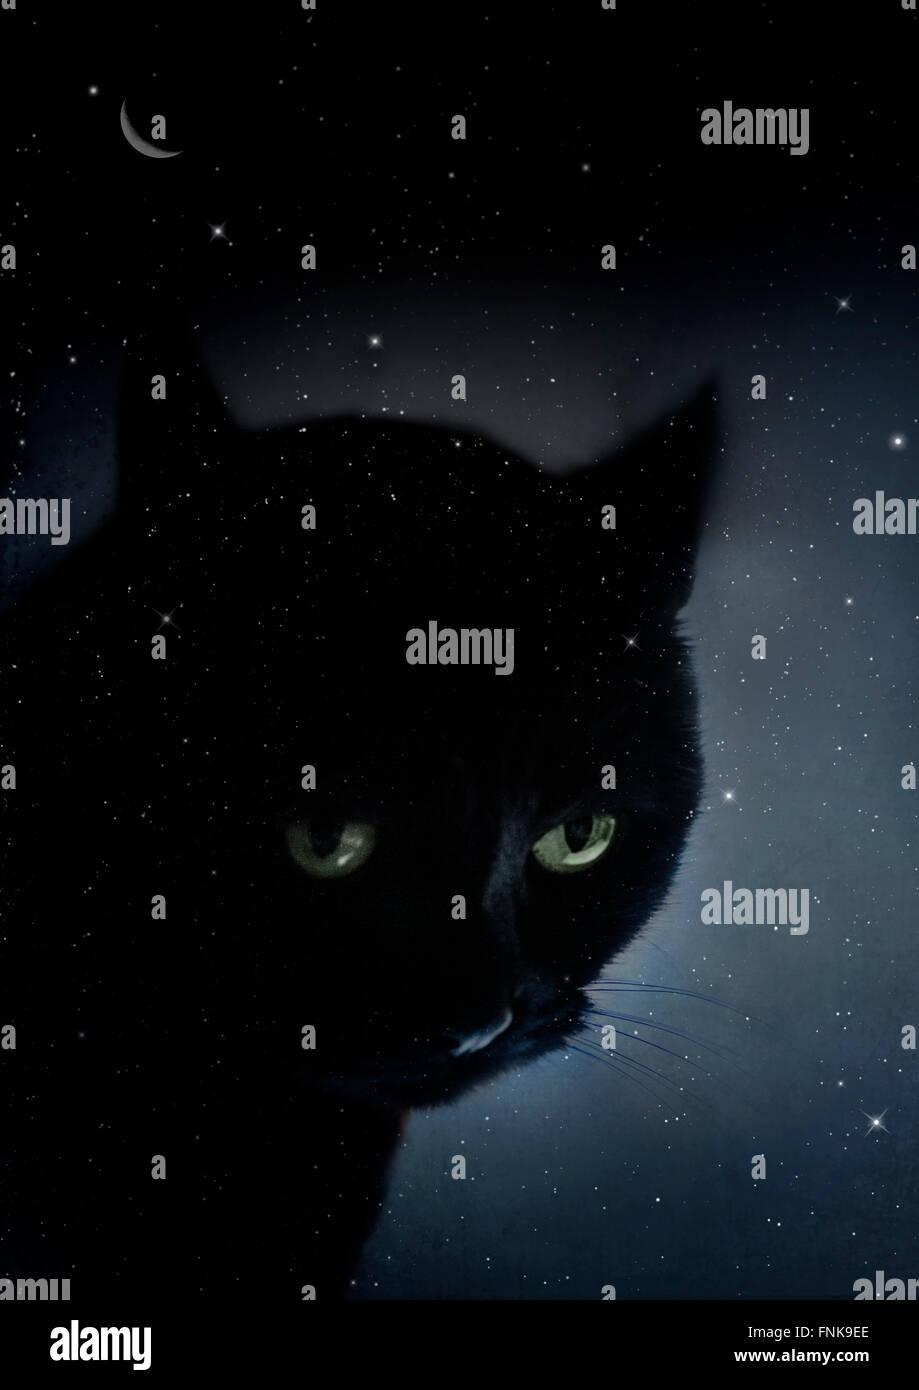 schwarze Katze in der sternenklaren Nacht Stockbild